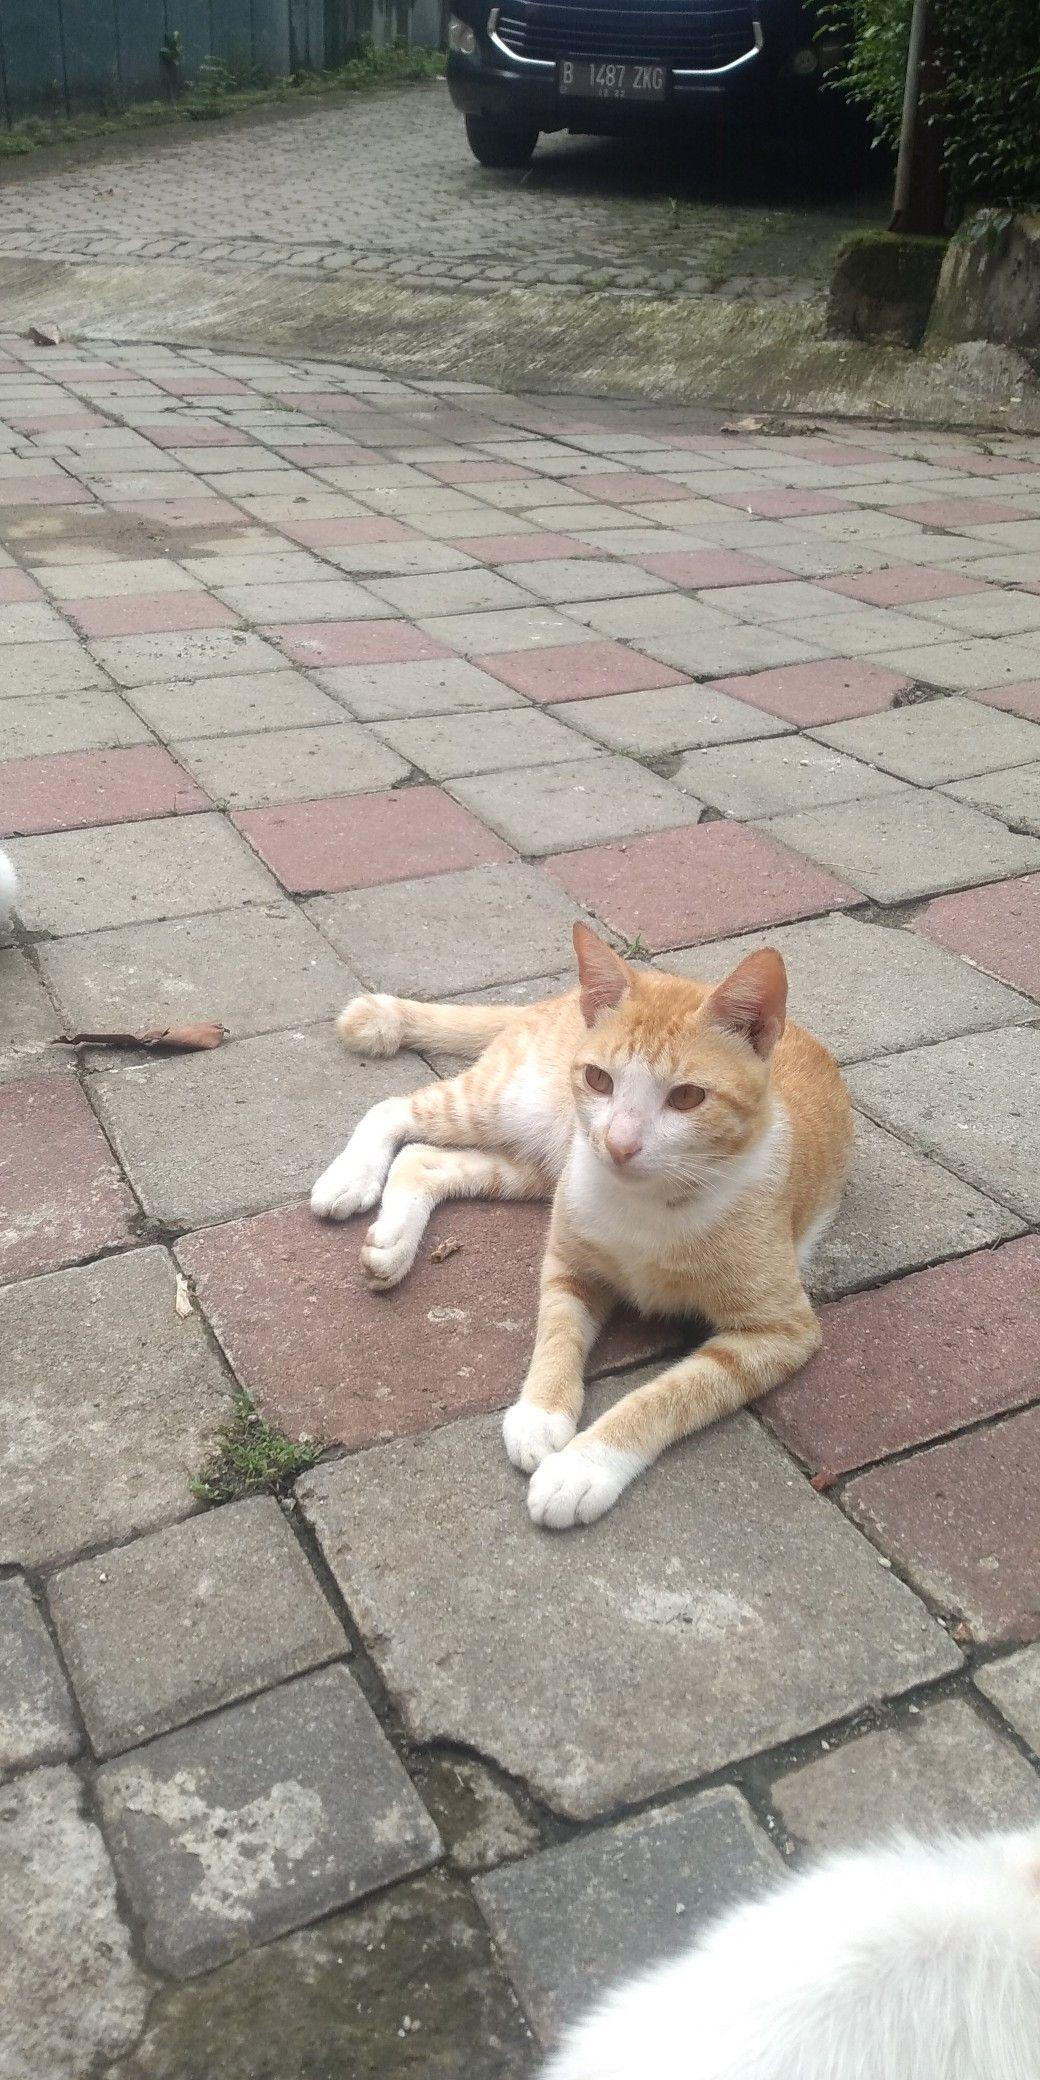 Kucing Oren Anabul Cat Kucing Anak Kucing Gemas Anak Kucing Kucing